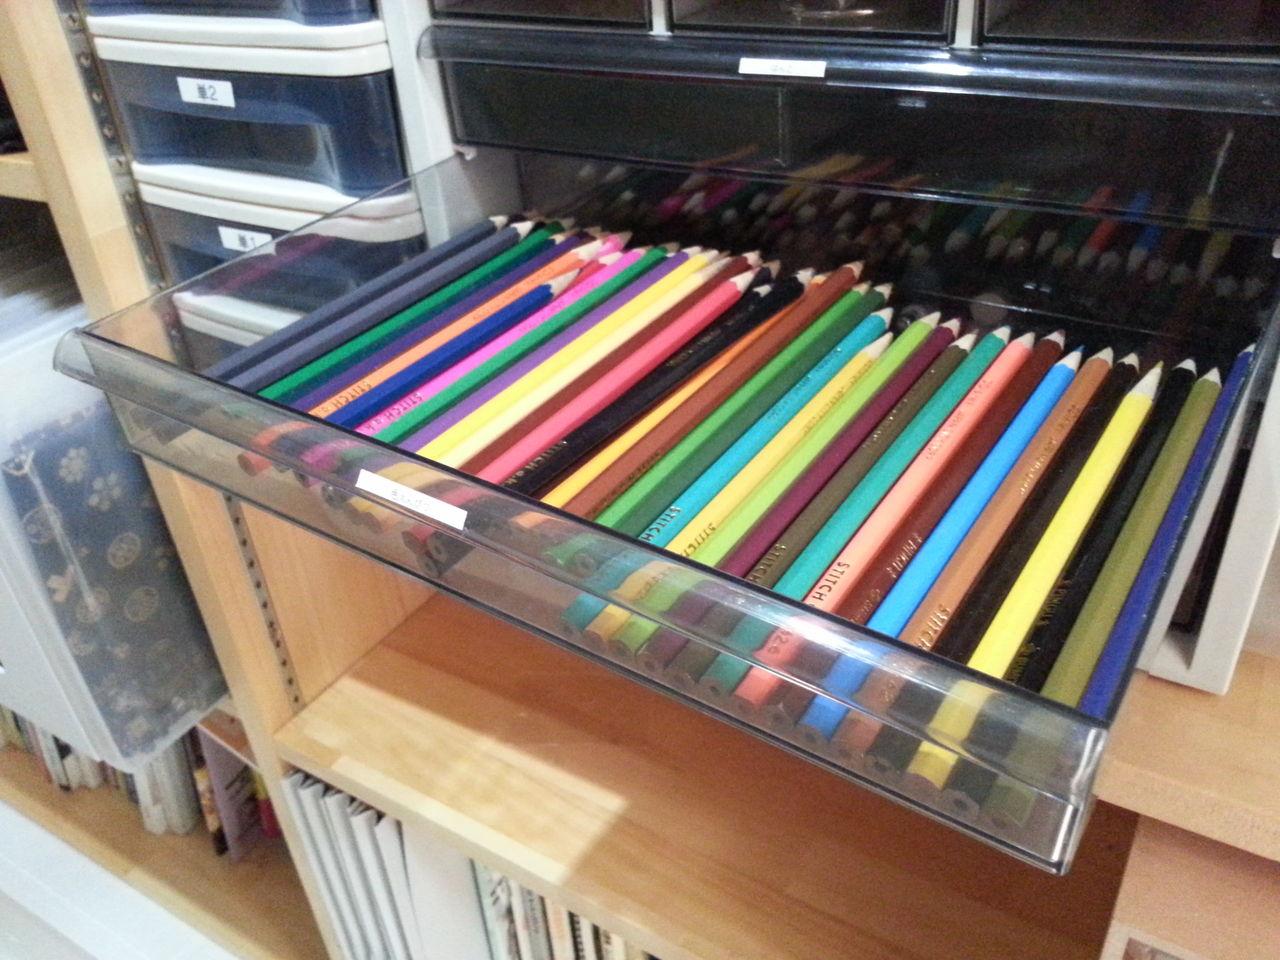 色鉛筆 収納 減らしてみた